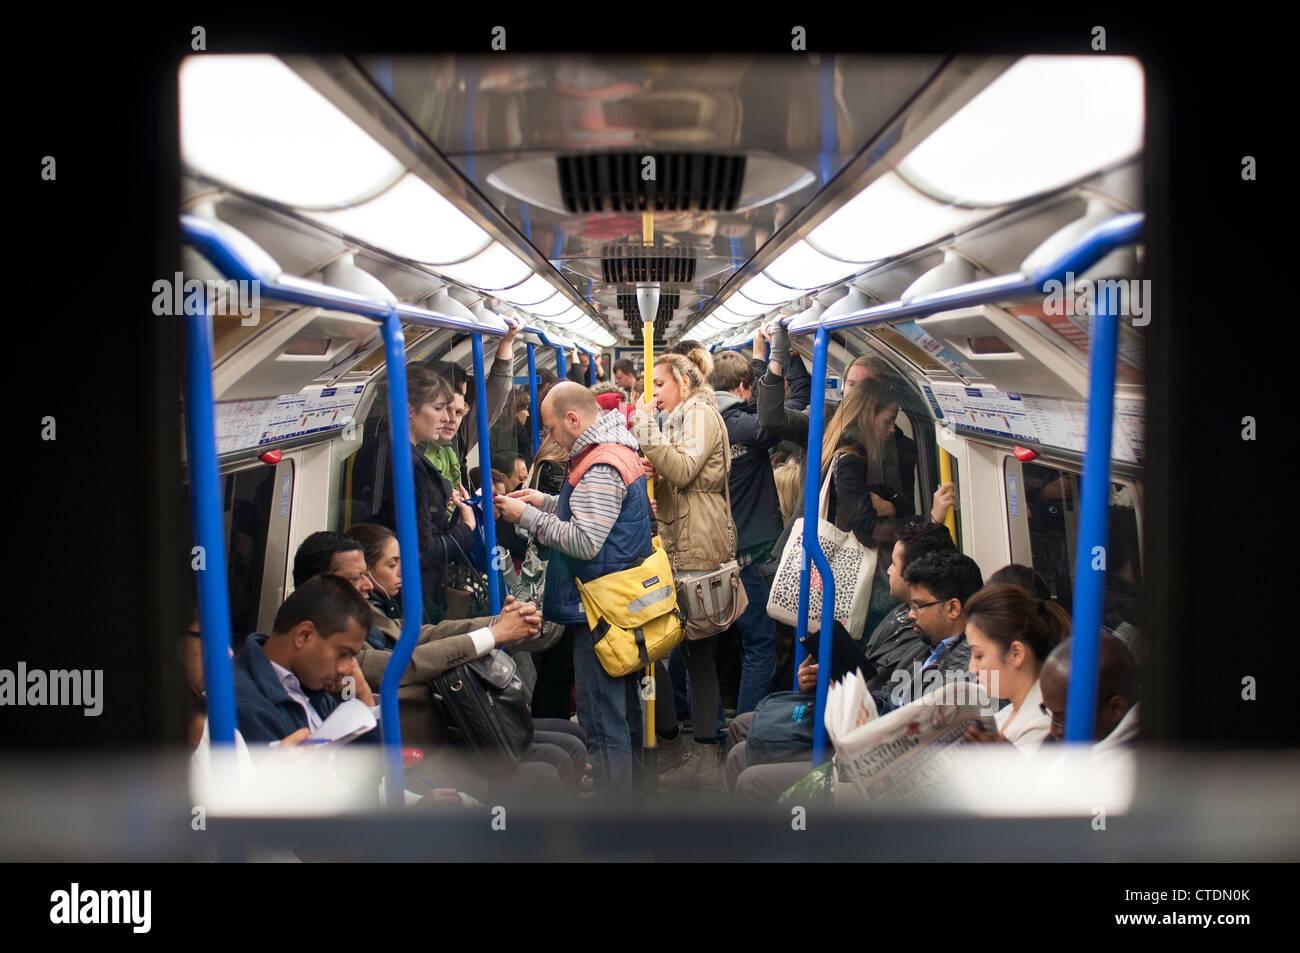 Les passagers voyageant sur les transports publics, métro de Londres, également connu sous le nom de Tube, Photo Stock